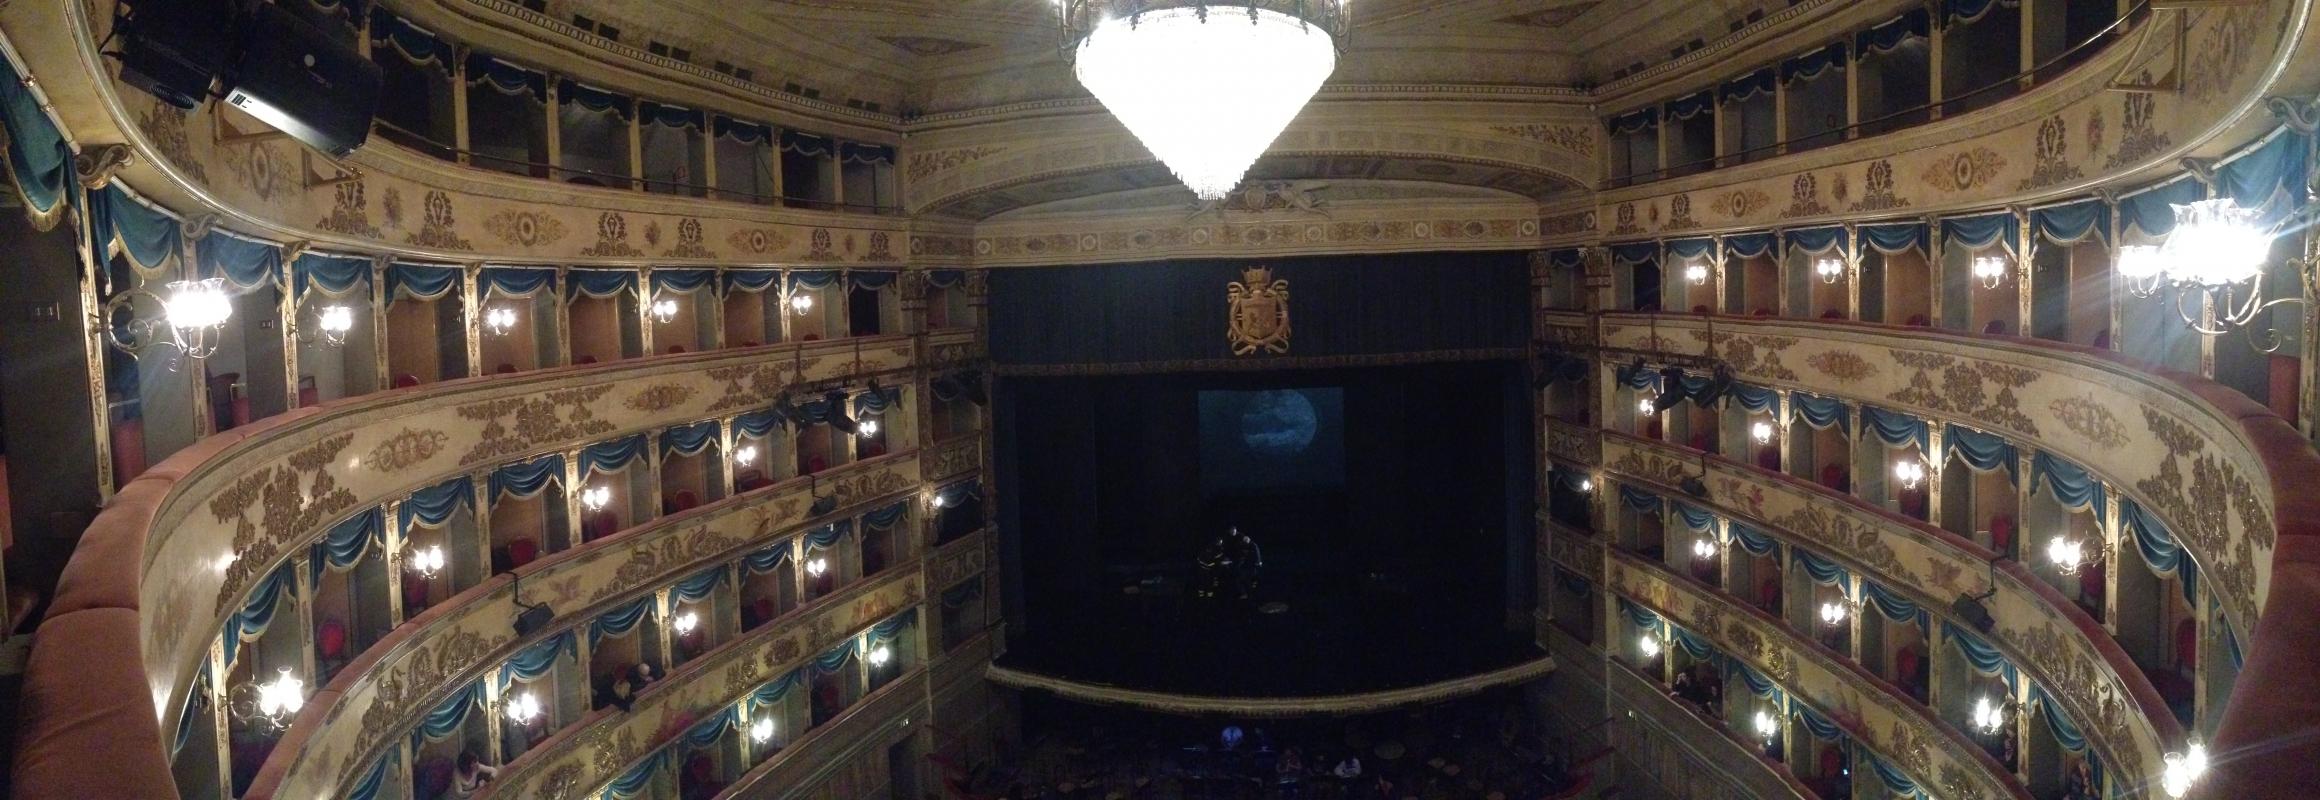 Teatro Alighieri interno 3 foto di C.Grassadonia - Chiara.Ravenna - Ravenna (RA)